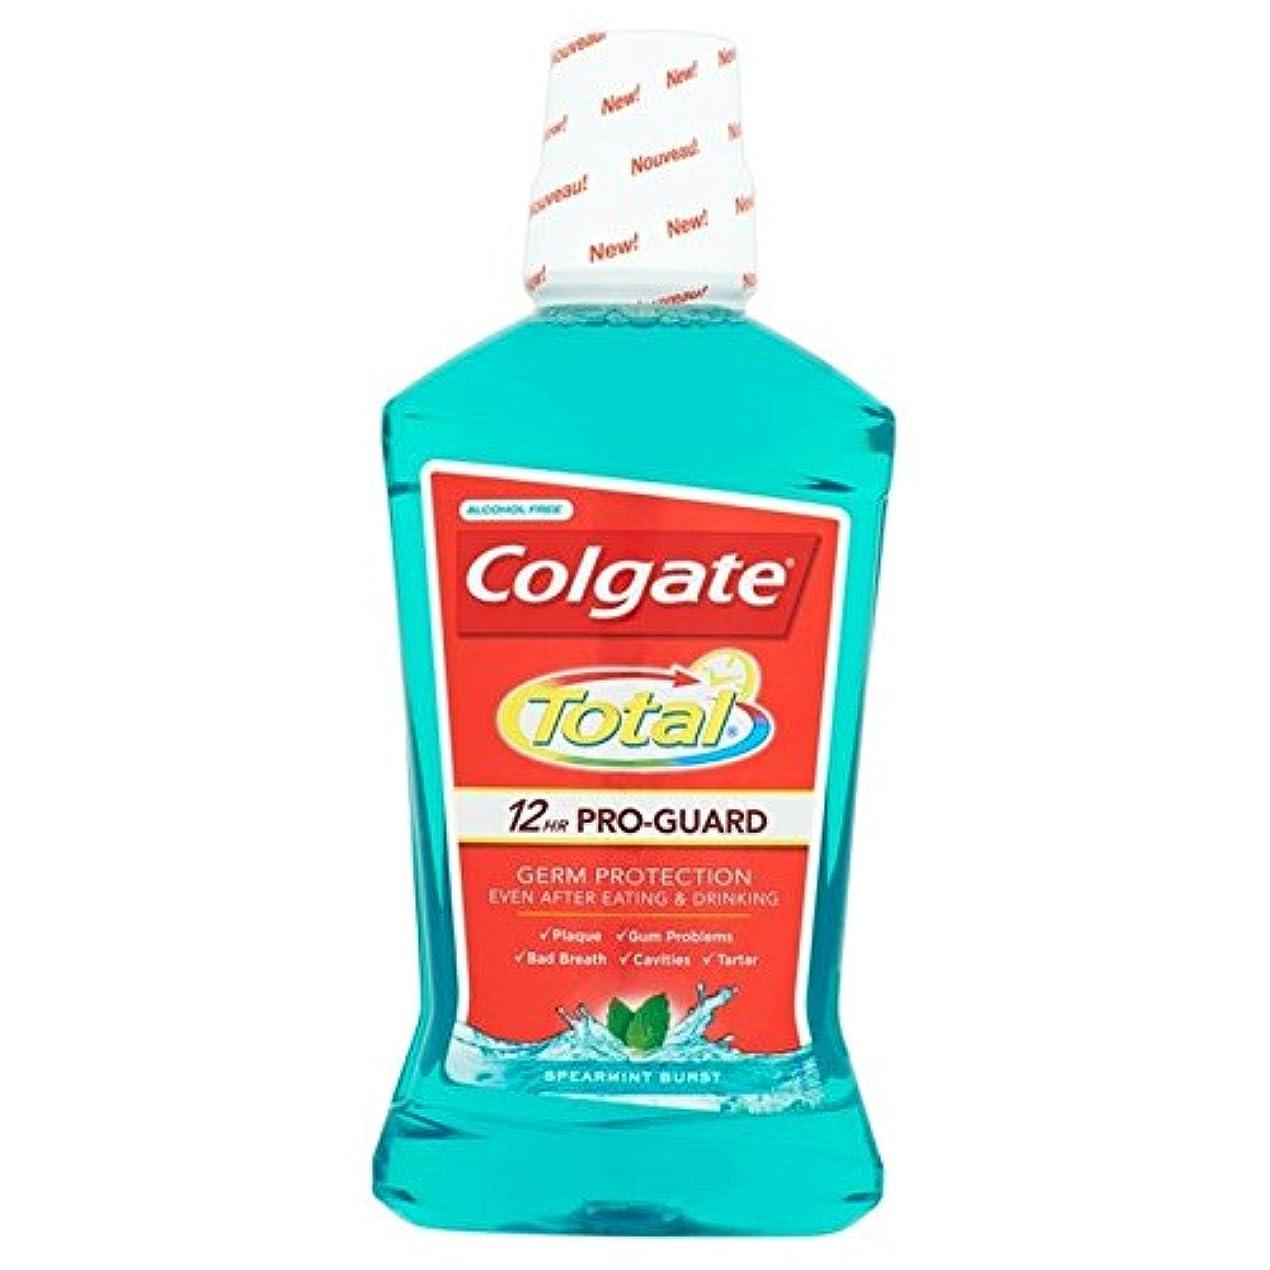 ヘビー入札結び目コルゲートトータル先進的な緑色のマウスウォッシュ500ミリリットル500ミリリットル x2 - Colgate Total Advanced Green Mouthwash 500ml 500ml (Pack of 2) [並行輸入品]